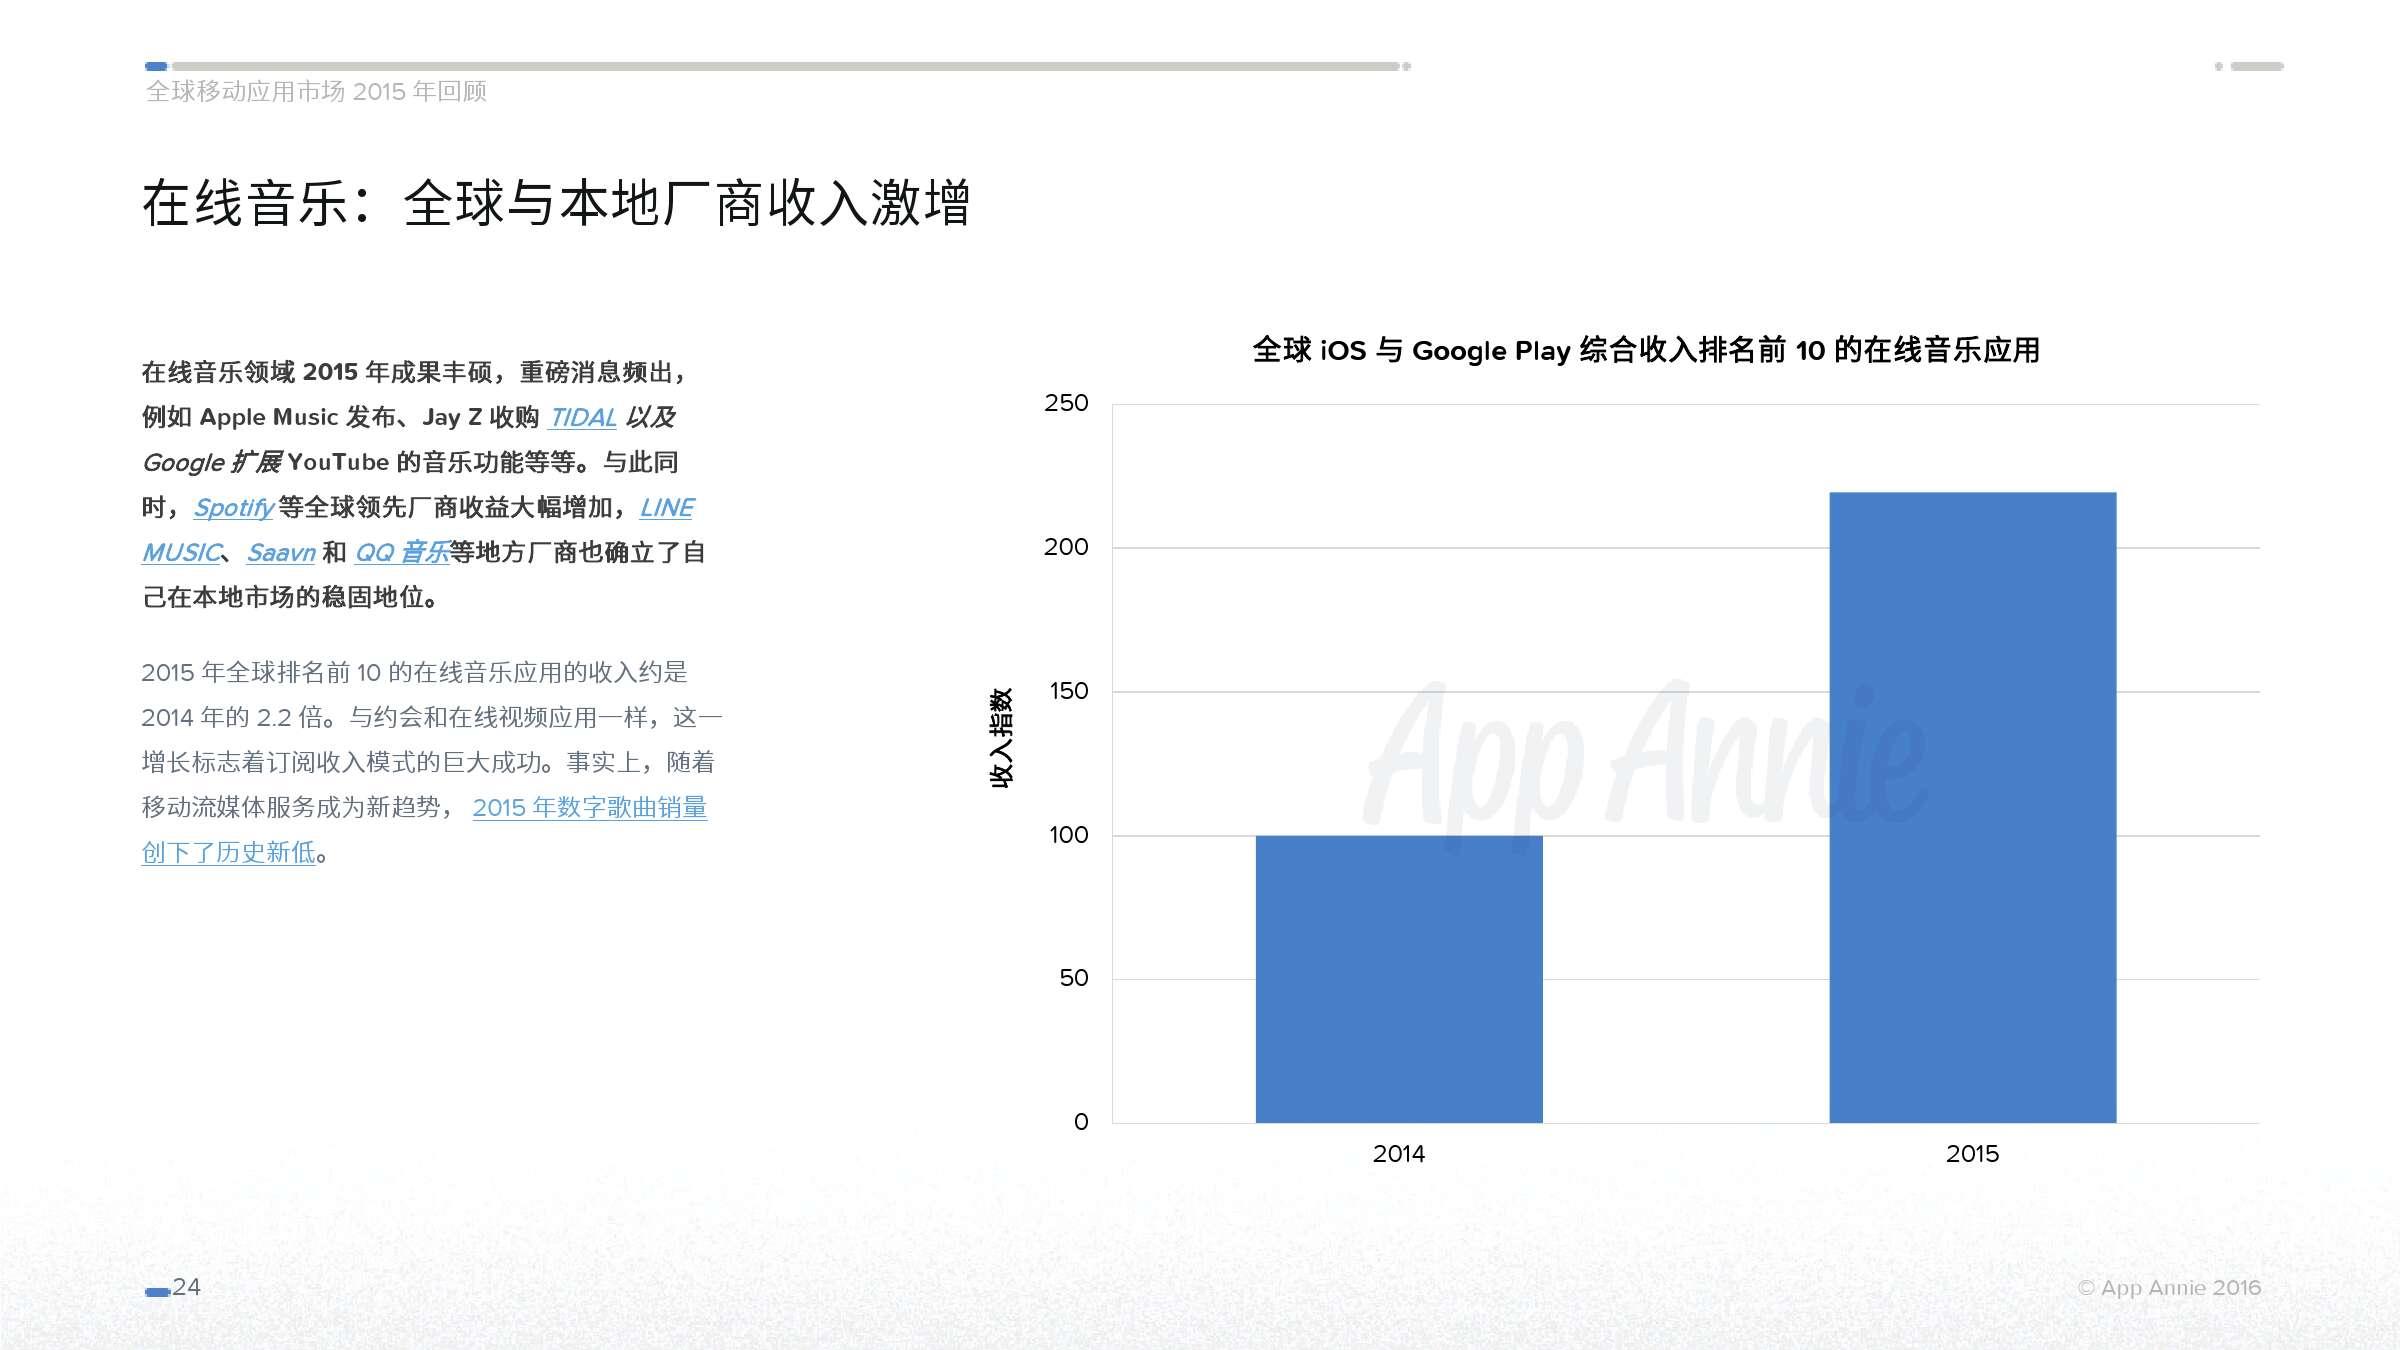 App Annie 全球移动应用市场 2015 年回顾_000024